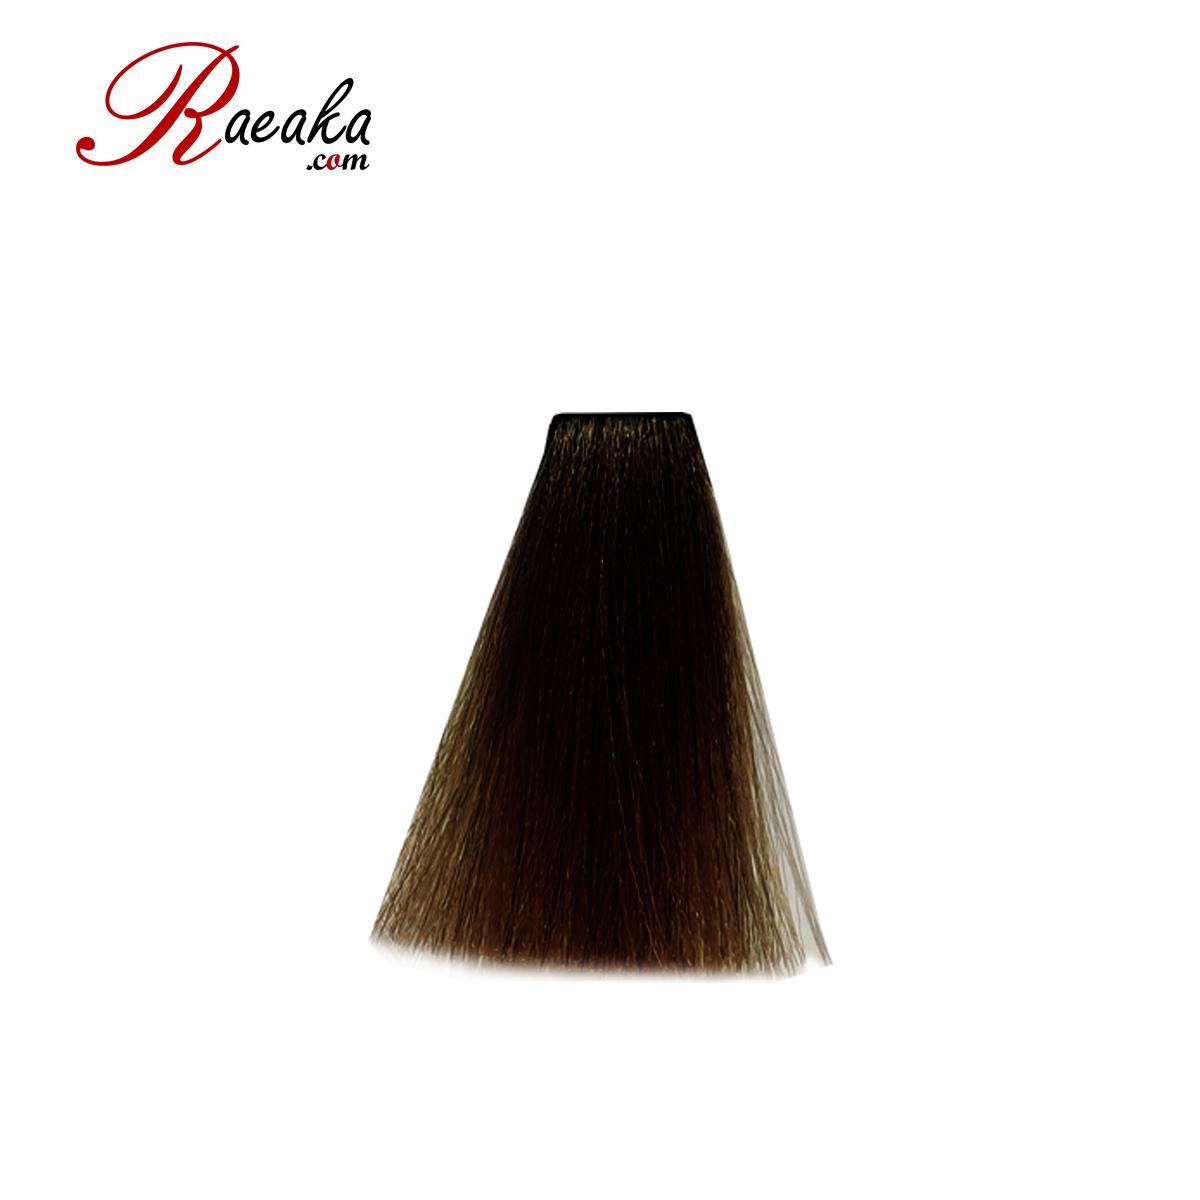 رنگ مو دوماسی سری طبیعی اکسترا قهوه ای روشن اکسترا ۵٫۰۰ حجم ۱۲۰ میلی لیتر